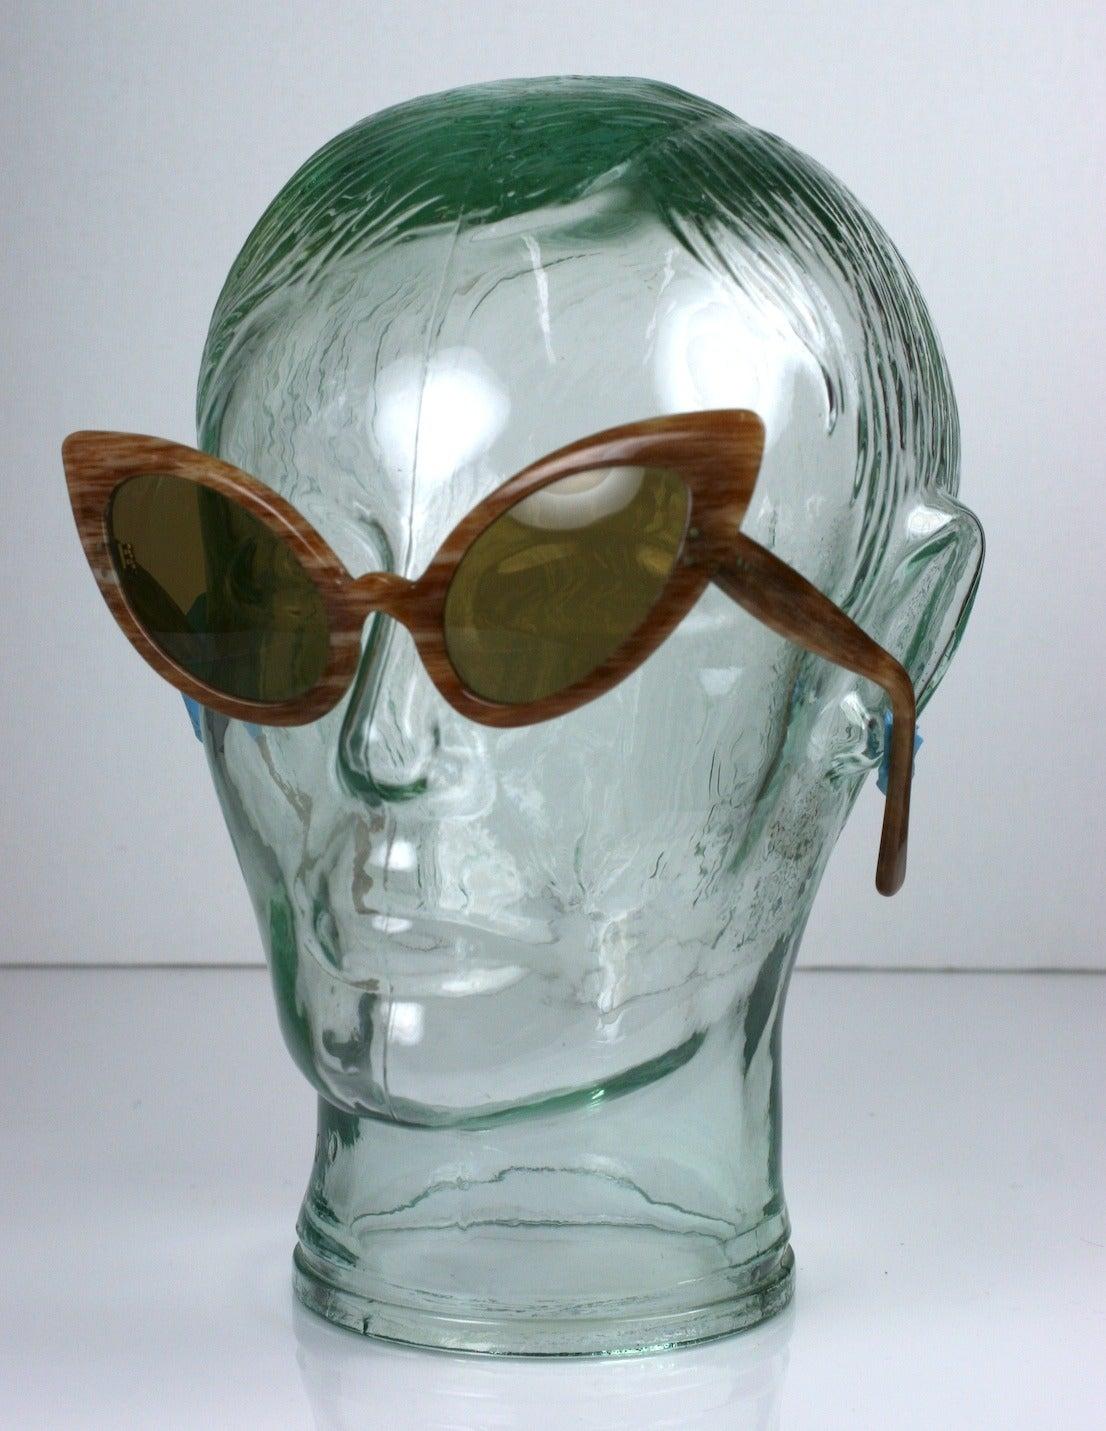 Oleg Cassini Alien Sunglasses 5